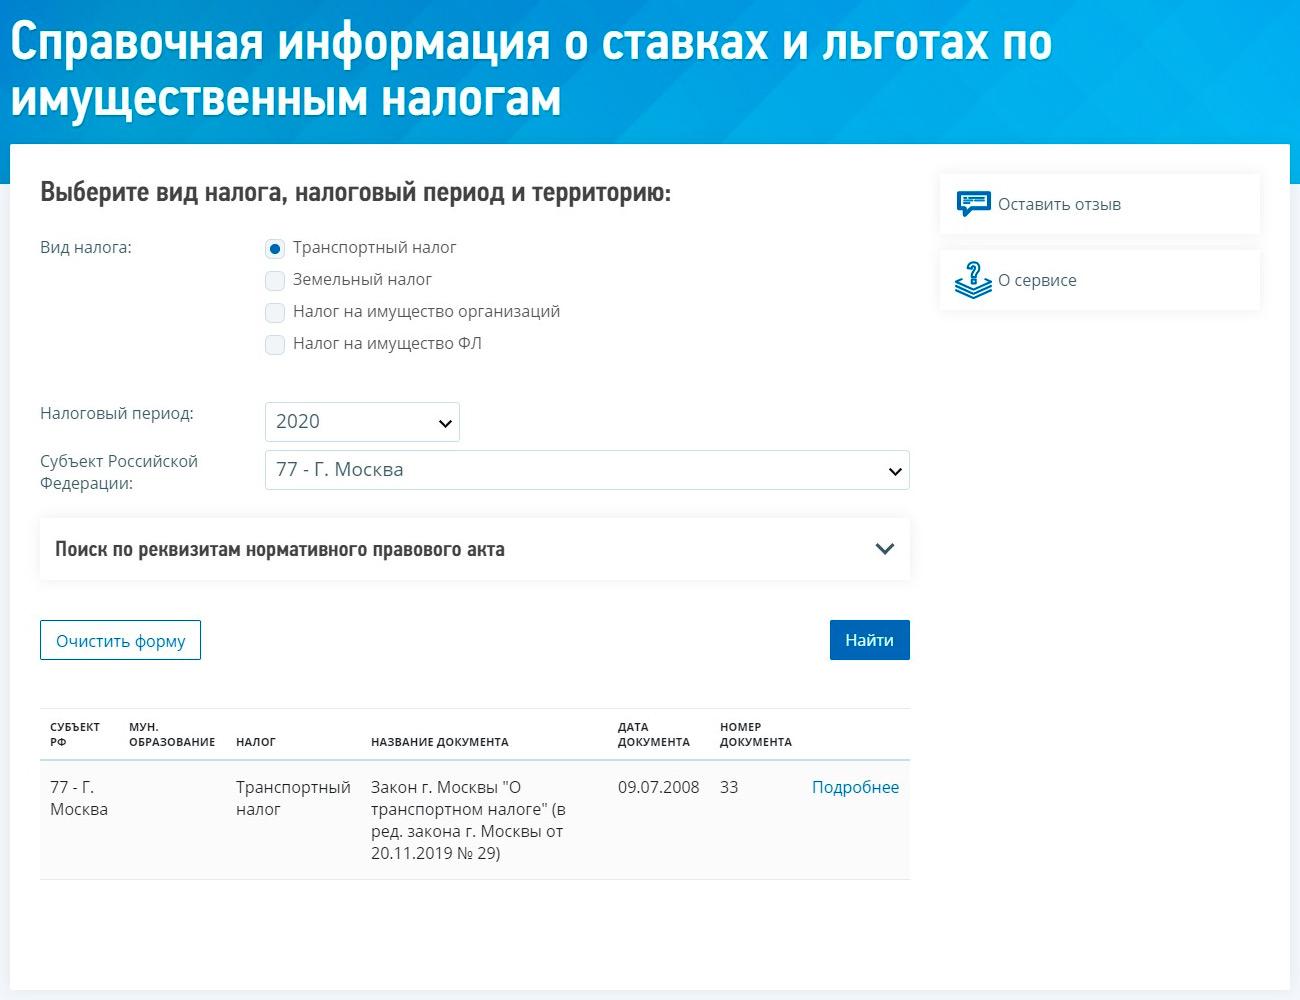 """<p>Узнать ставки транспортного налога в своем регионе можно с помощью <a href=""""https://www.nalog.ru/rn77/service/calc_transport/"""">справочного сервиса на сайте ФНС</a>.</p>"""